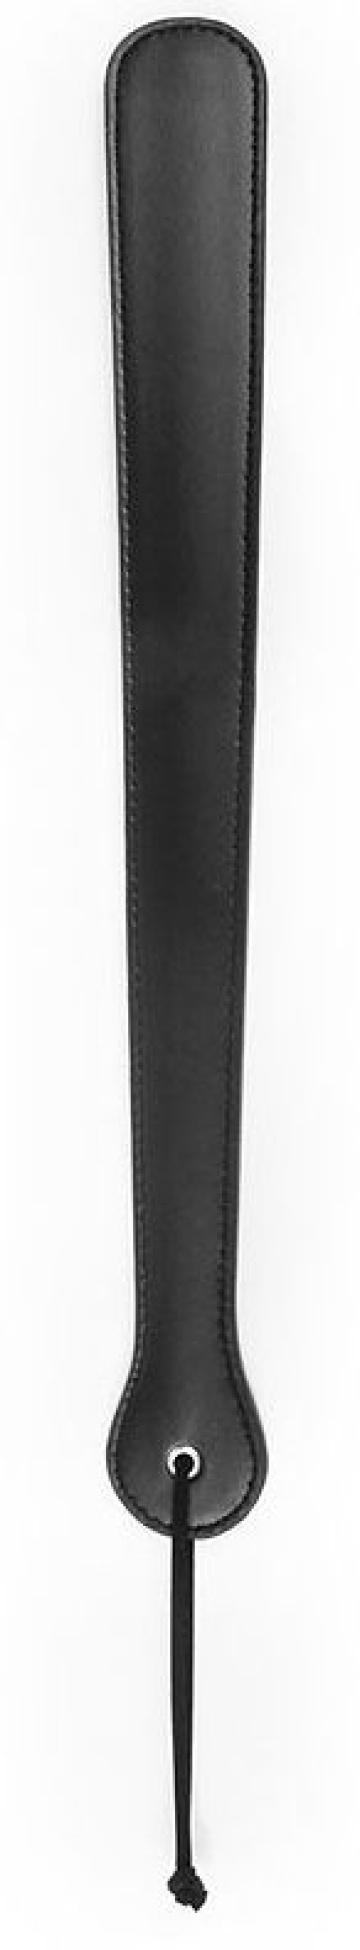 Черная гладкая классическая шлепалка с ручкой - 48 см.